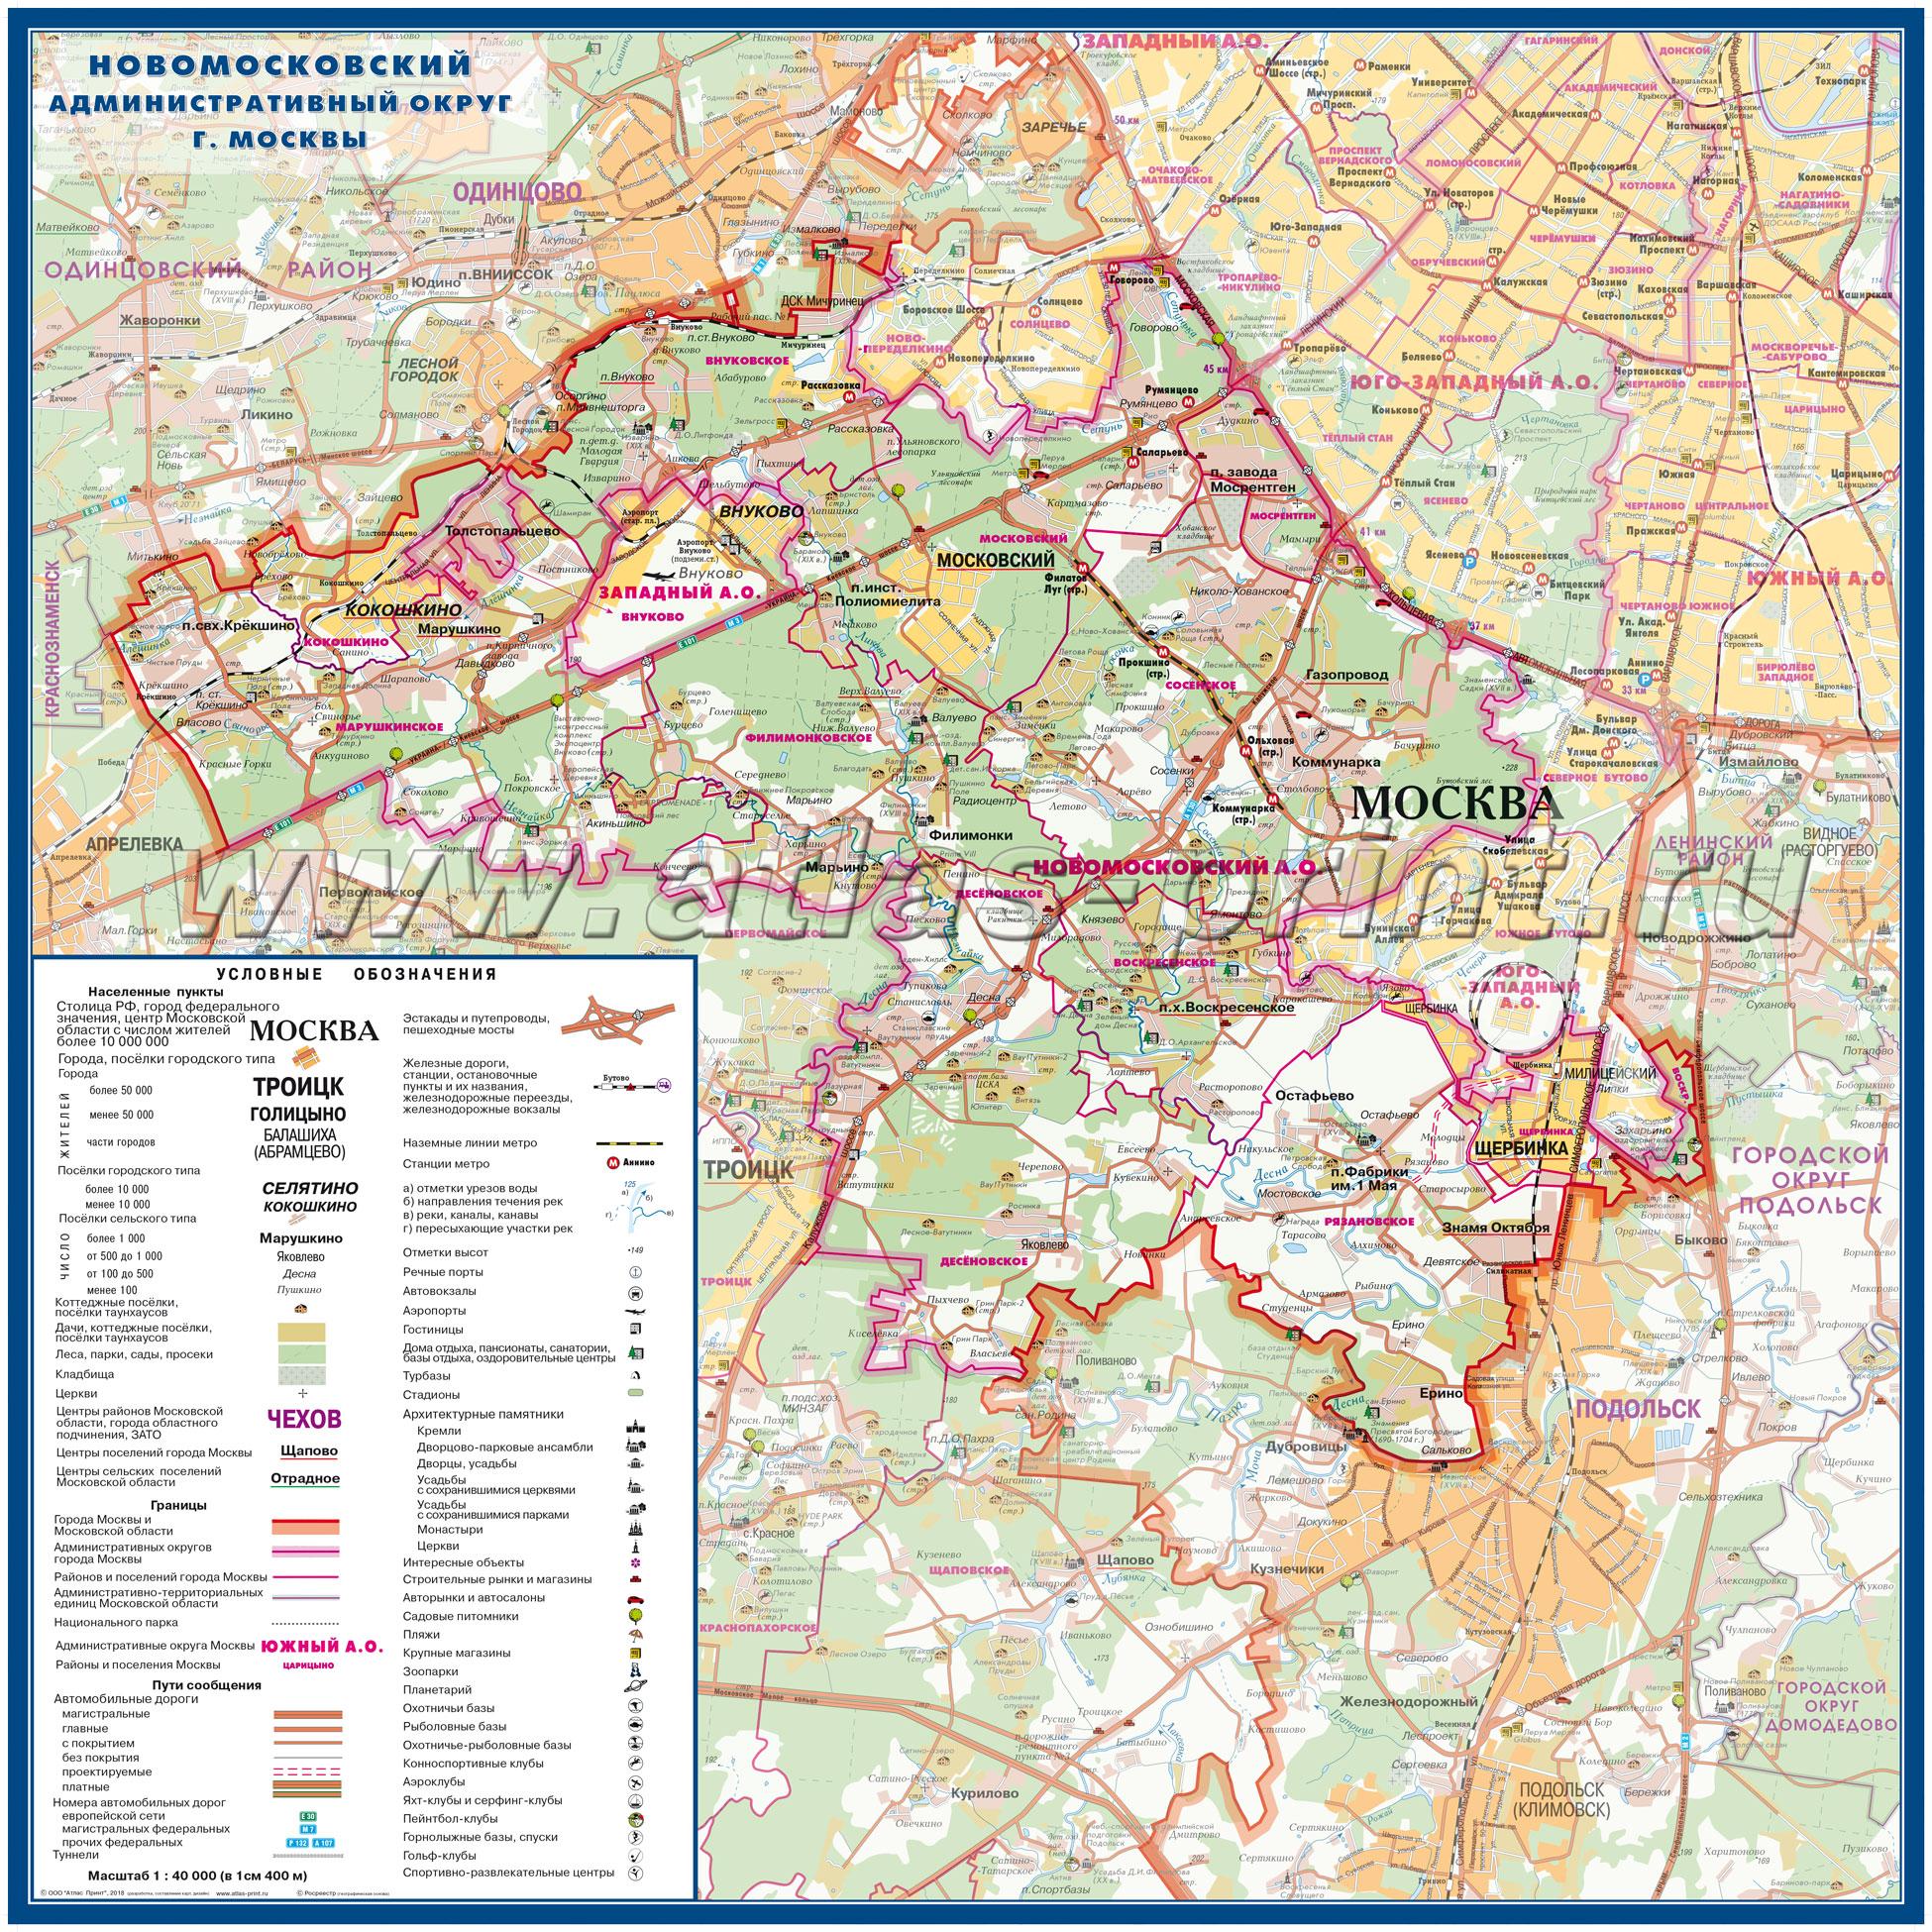 Настенная карта Новомосковского административного округа Москвы (НАО) размер 1,0*1,0 м, ламинированная. Выполняется на заказ